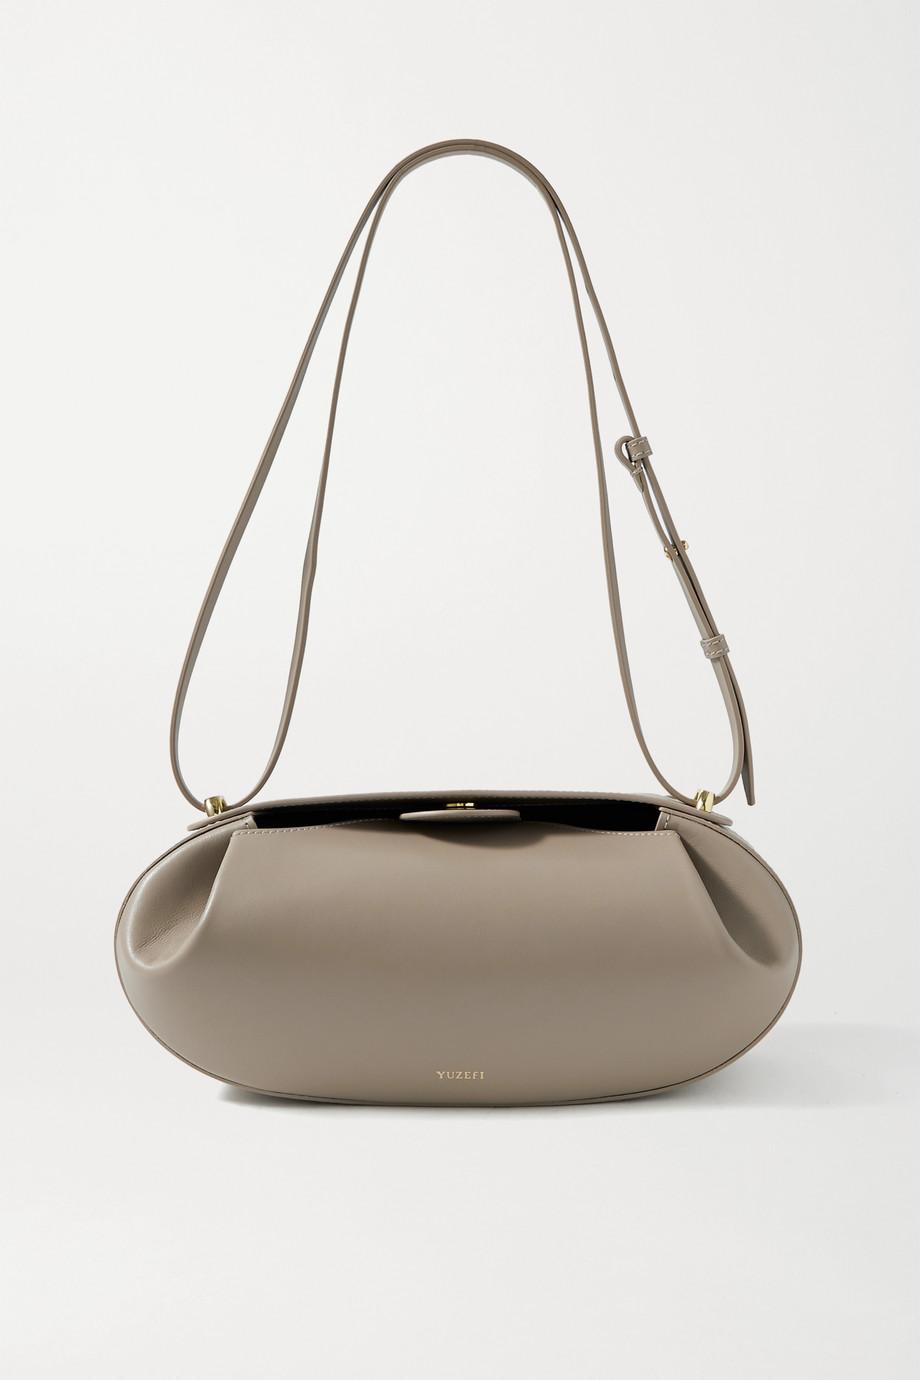 Yuzefi Baguette leather shoulder bag